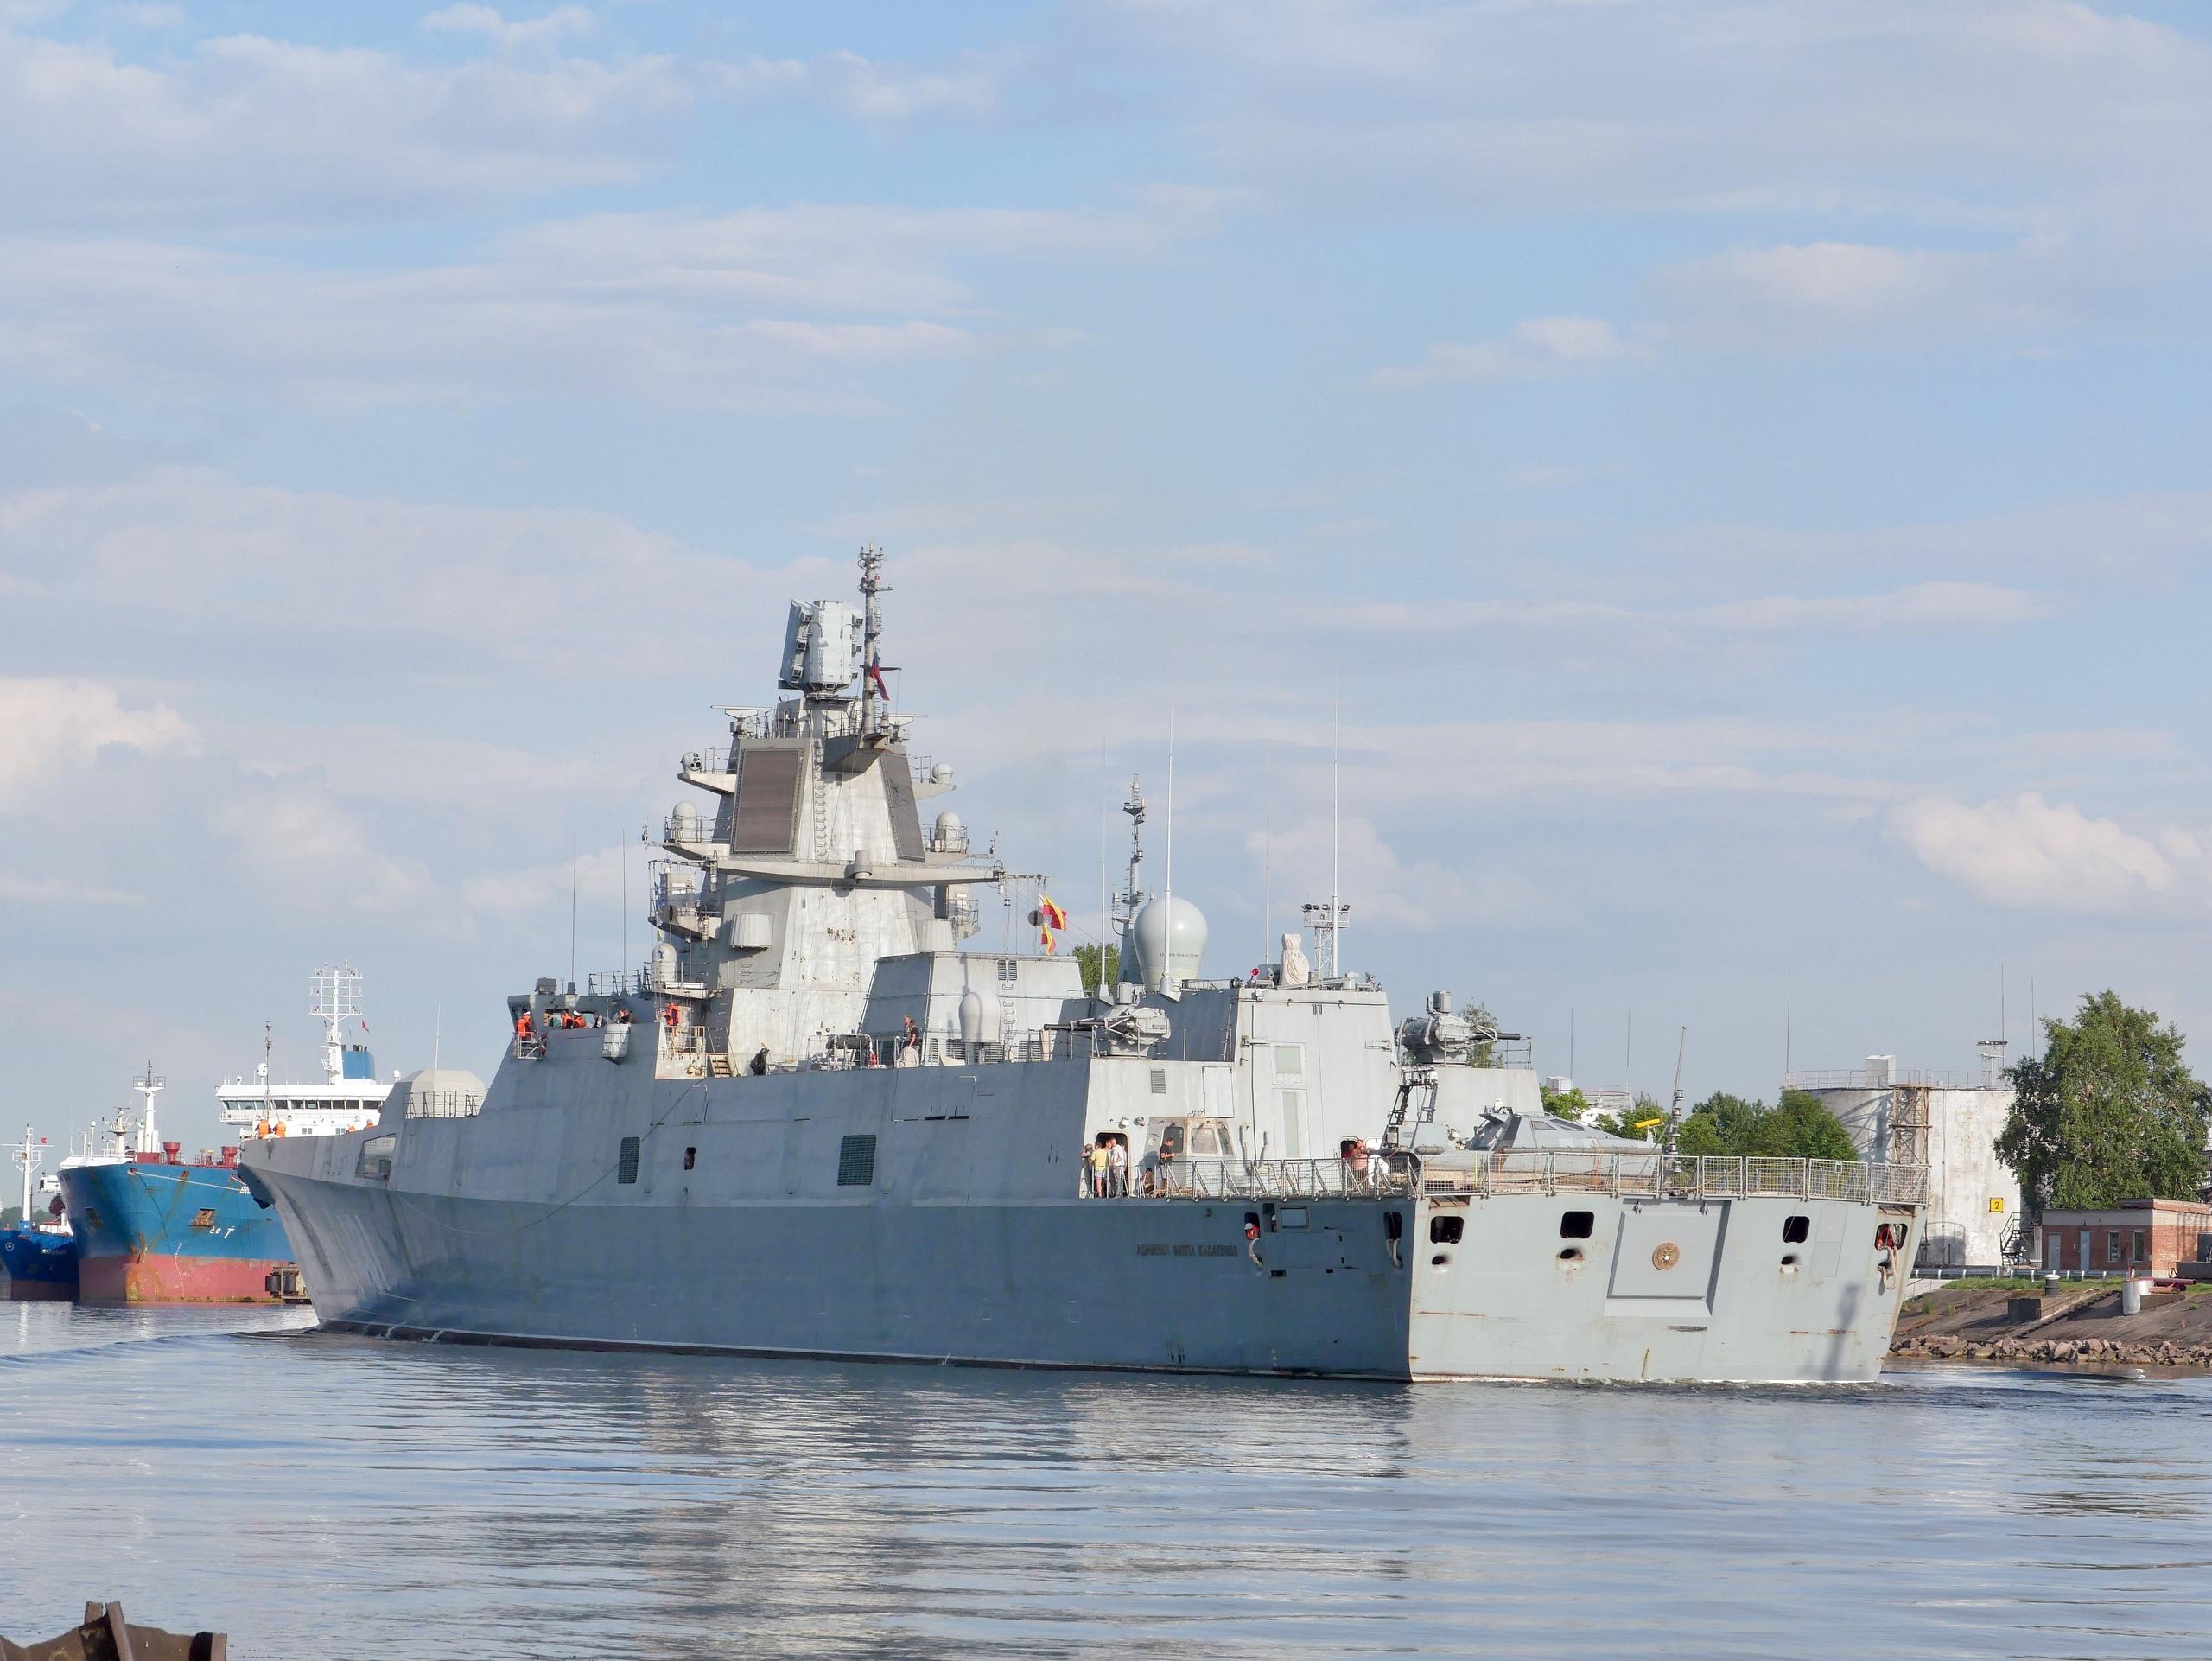 Испытания противоминного комплекса «Диаманд» на фрегате «Адмирал флота Касатонов»